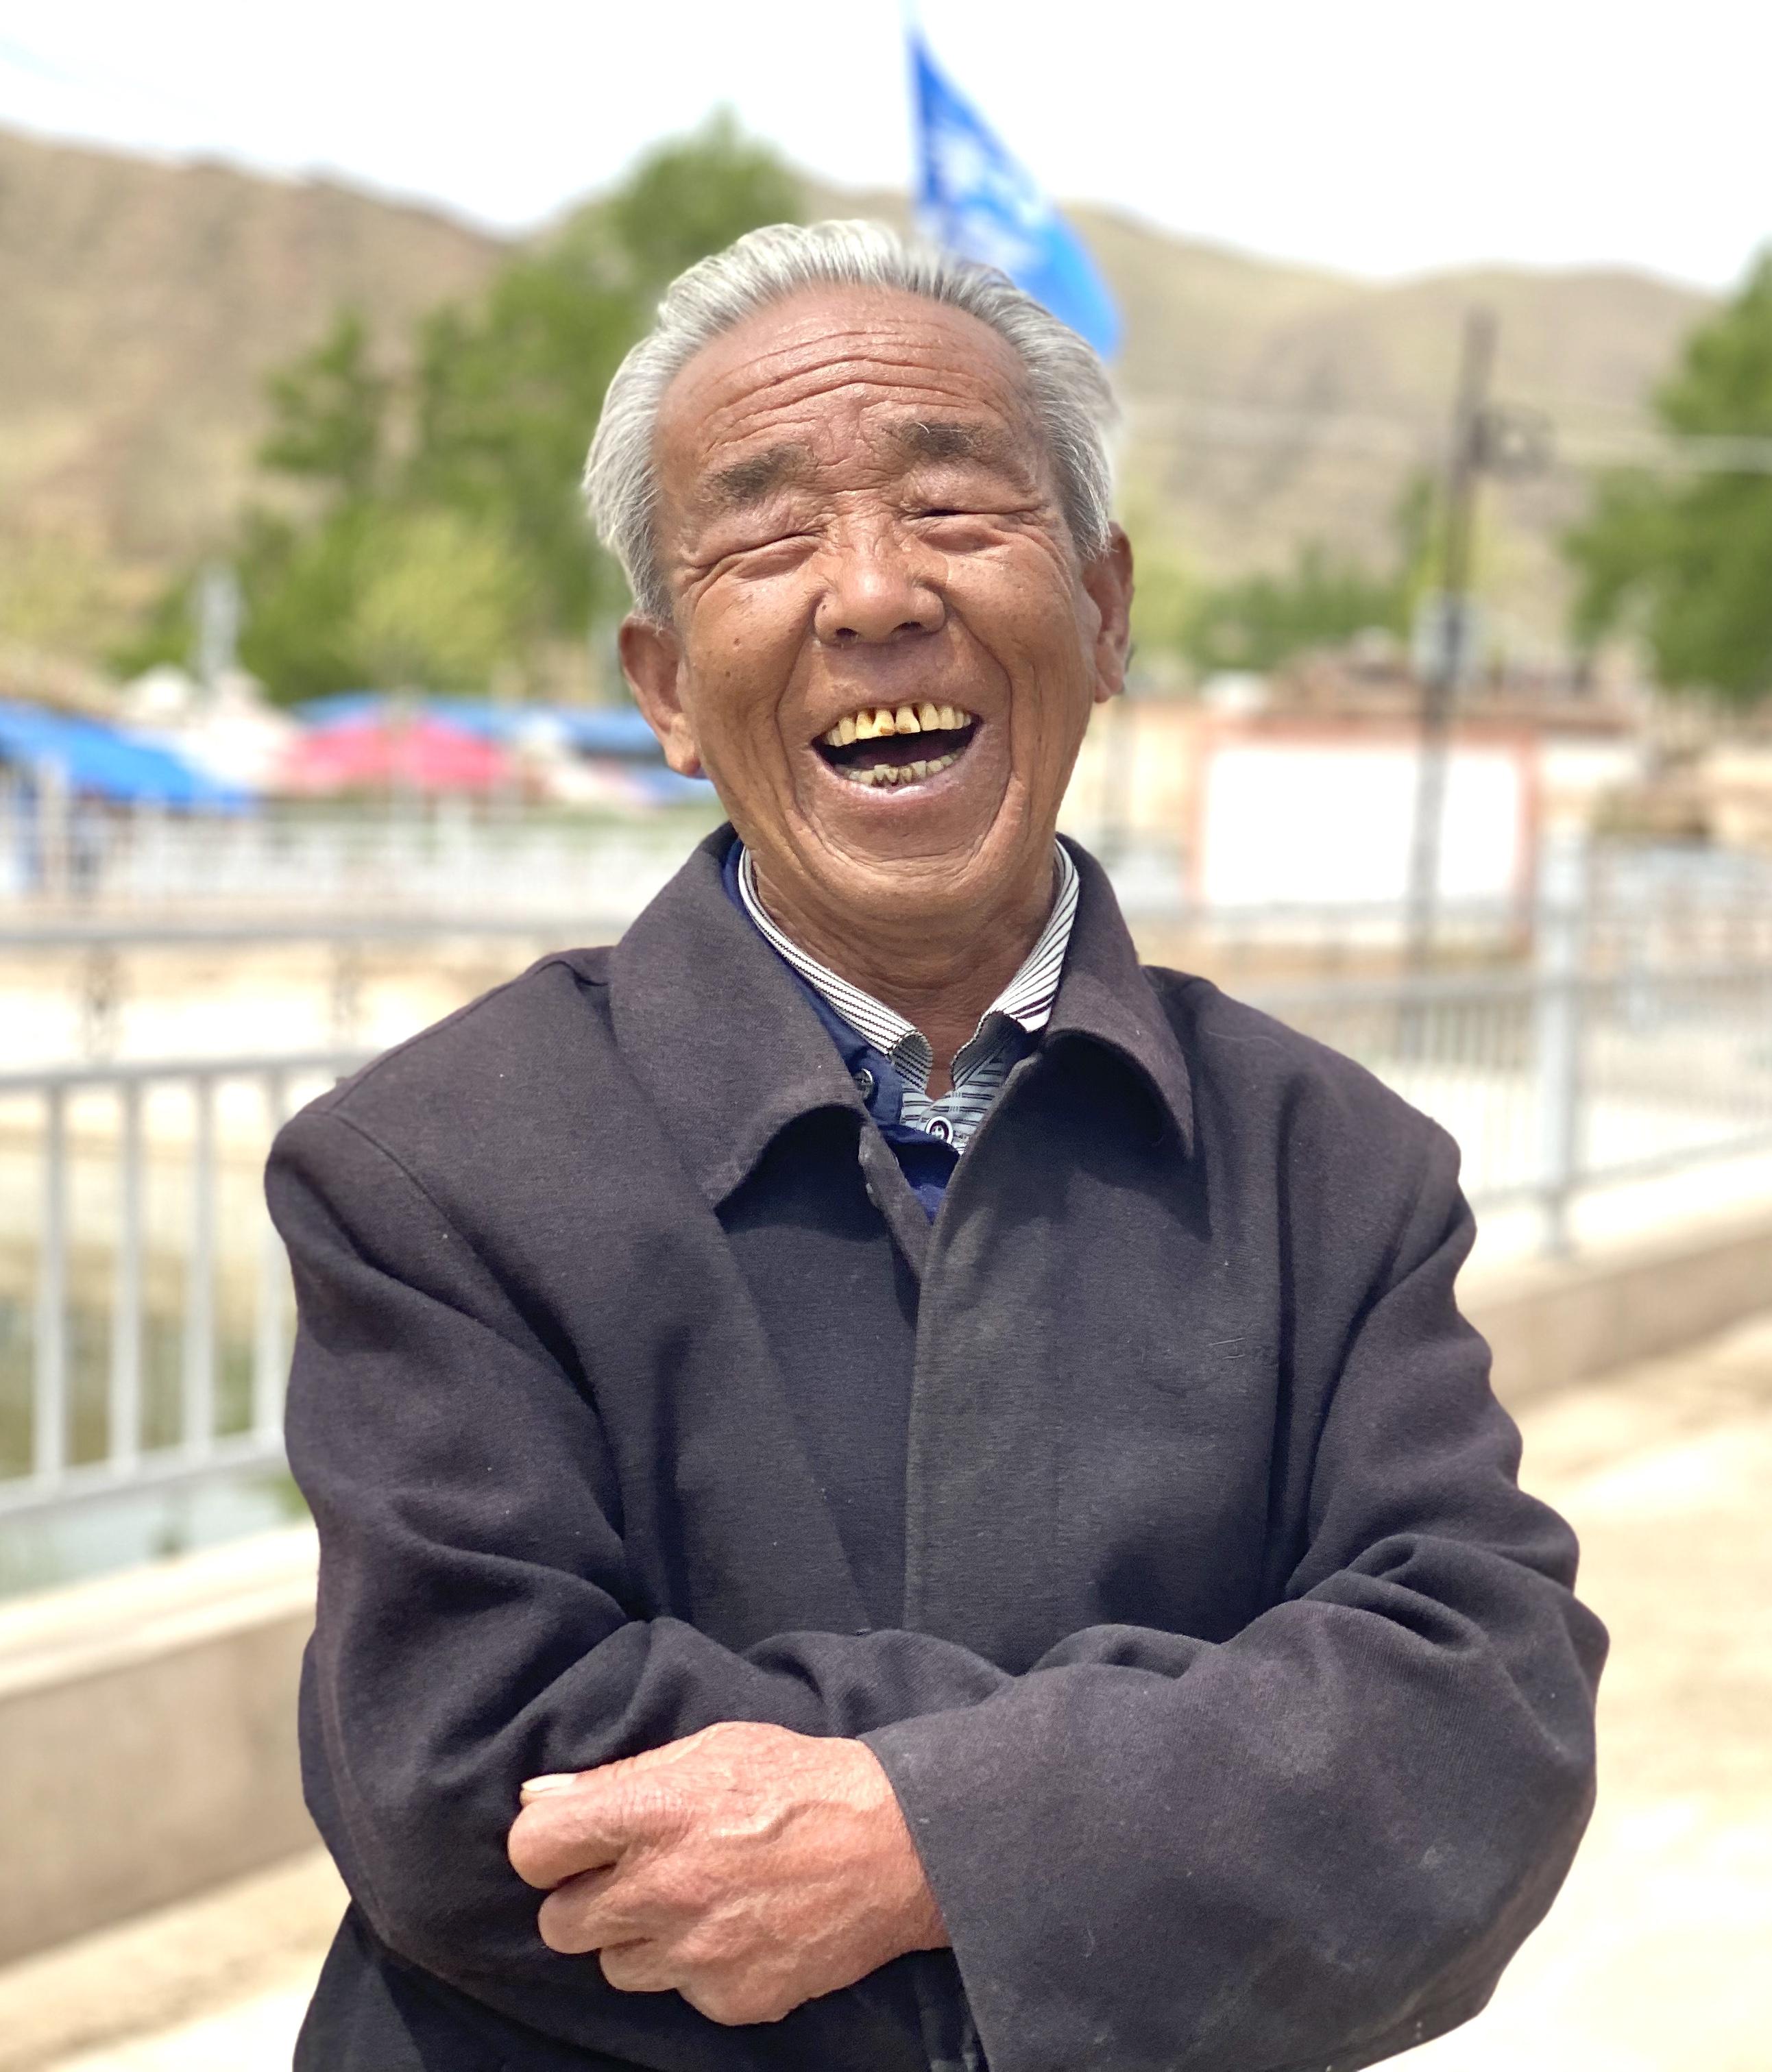 笑脸话兰州经验④丨美美的笑容 大大的幸福(海报)